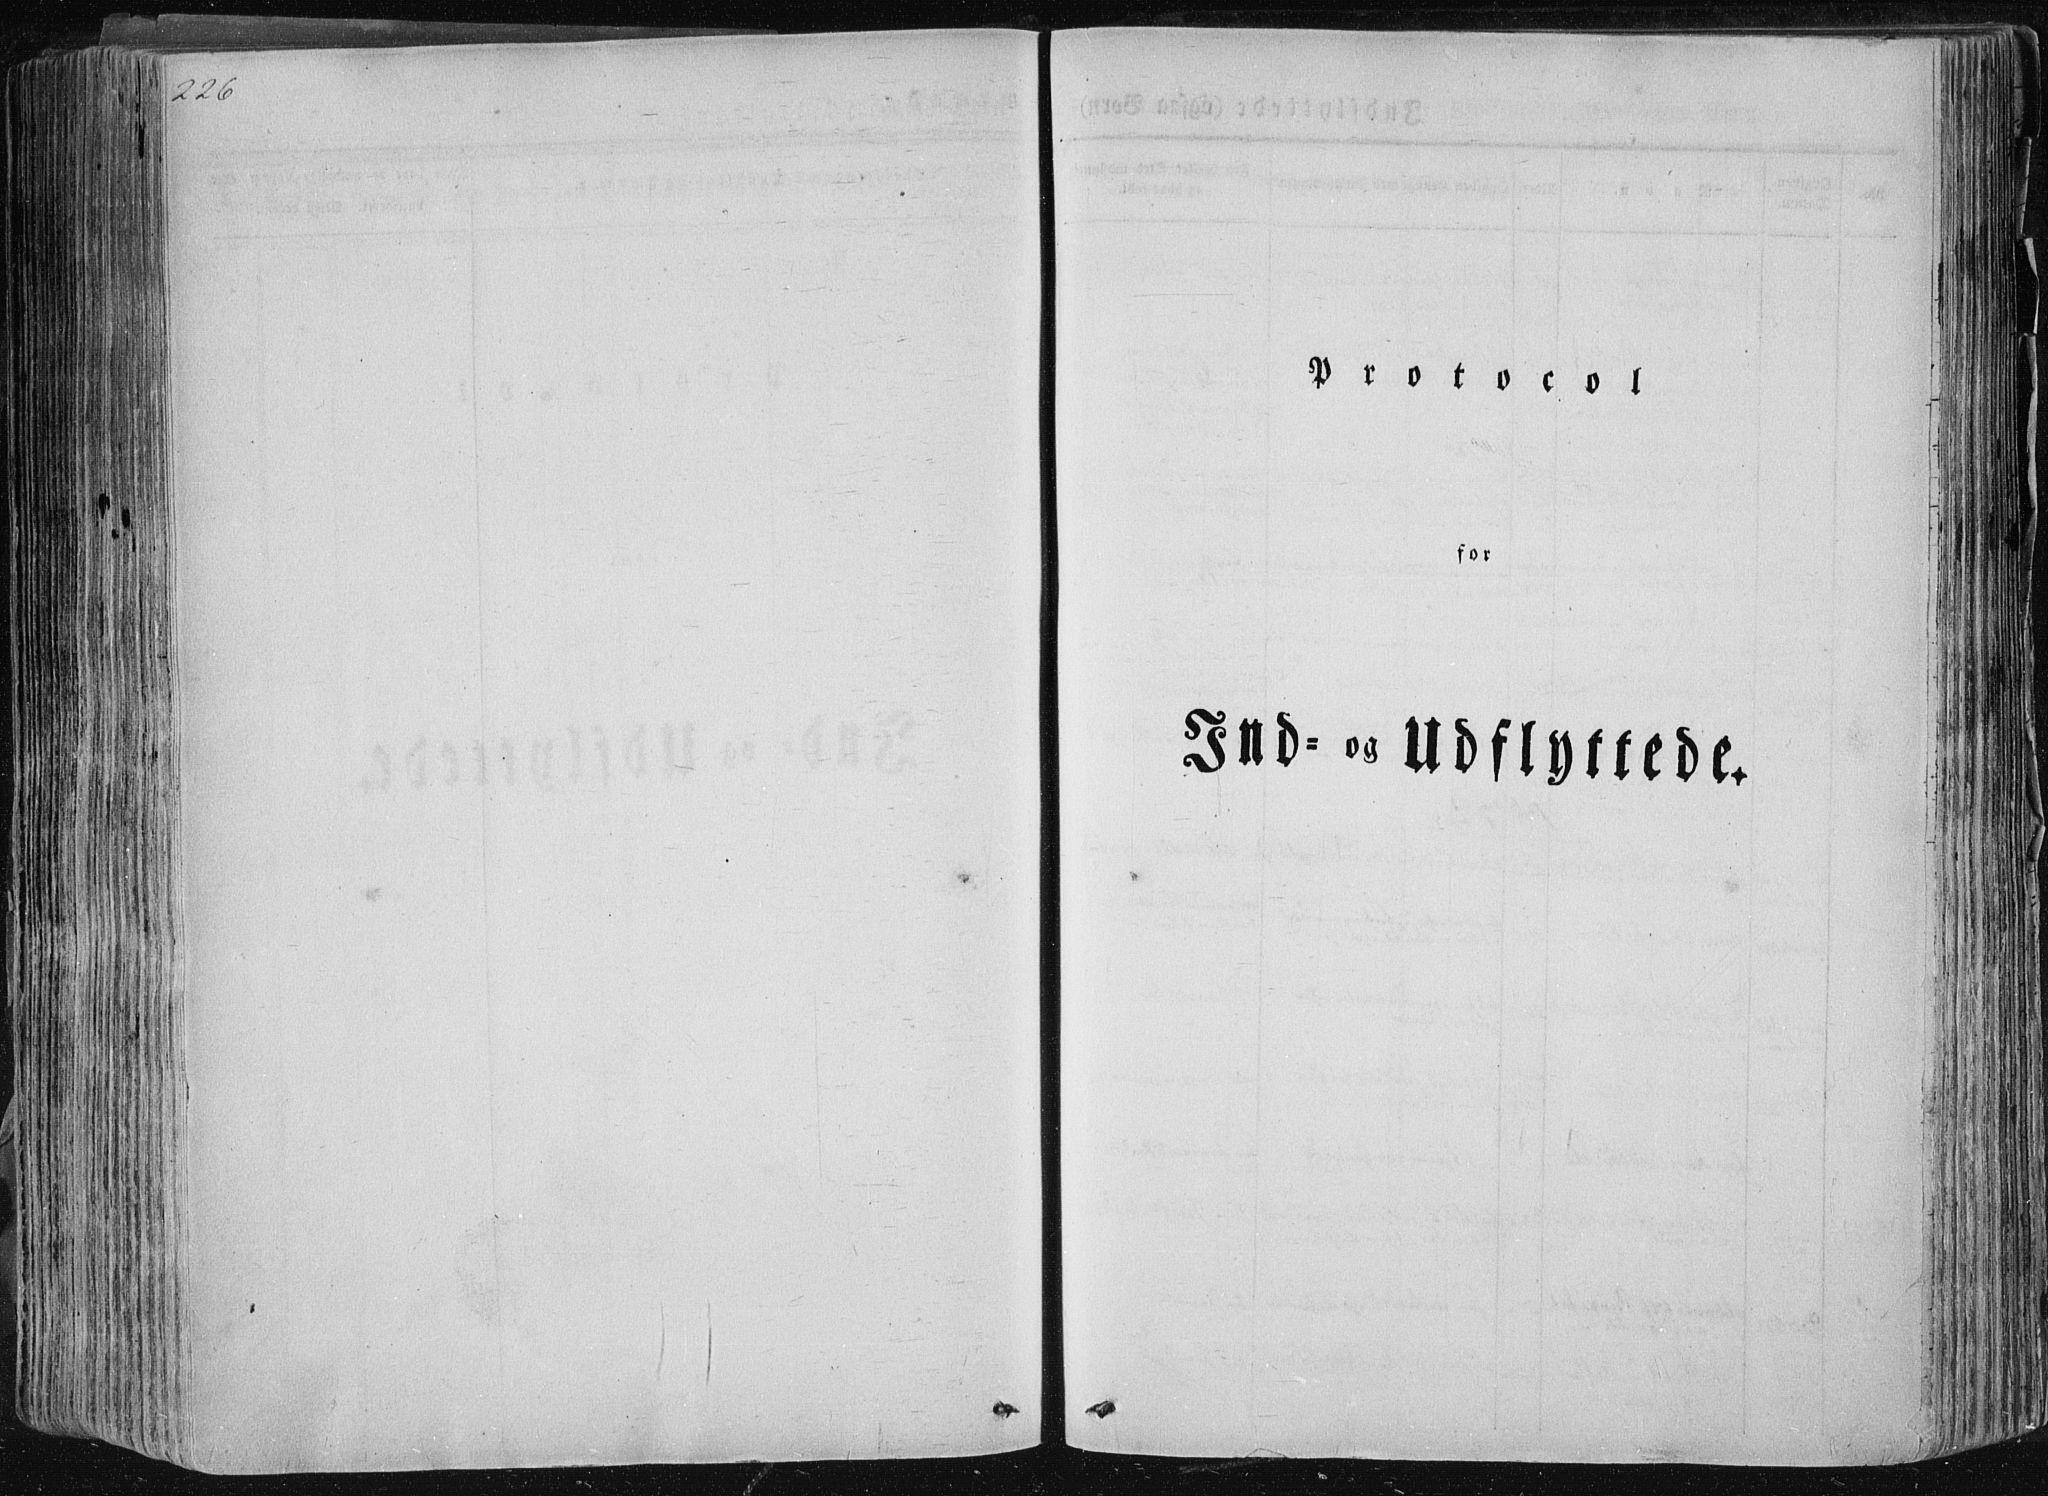 SAKO, Sannidal kirkebøker, F/Fa/L0007: Ministerialbok nr. 7, 1831-1854, s. 226